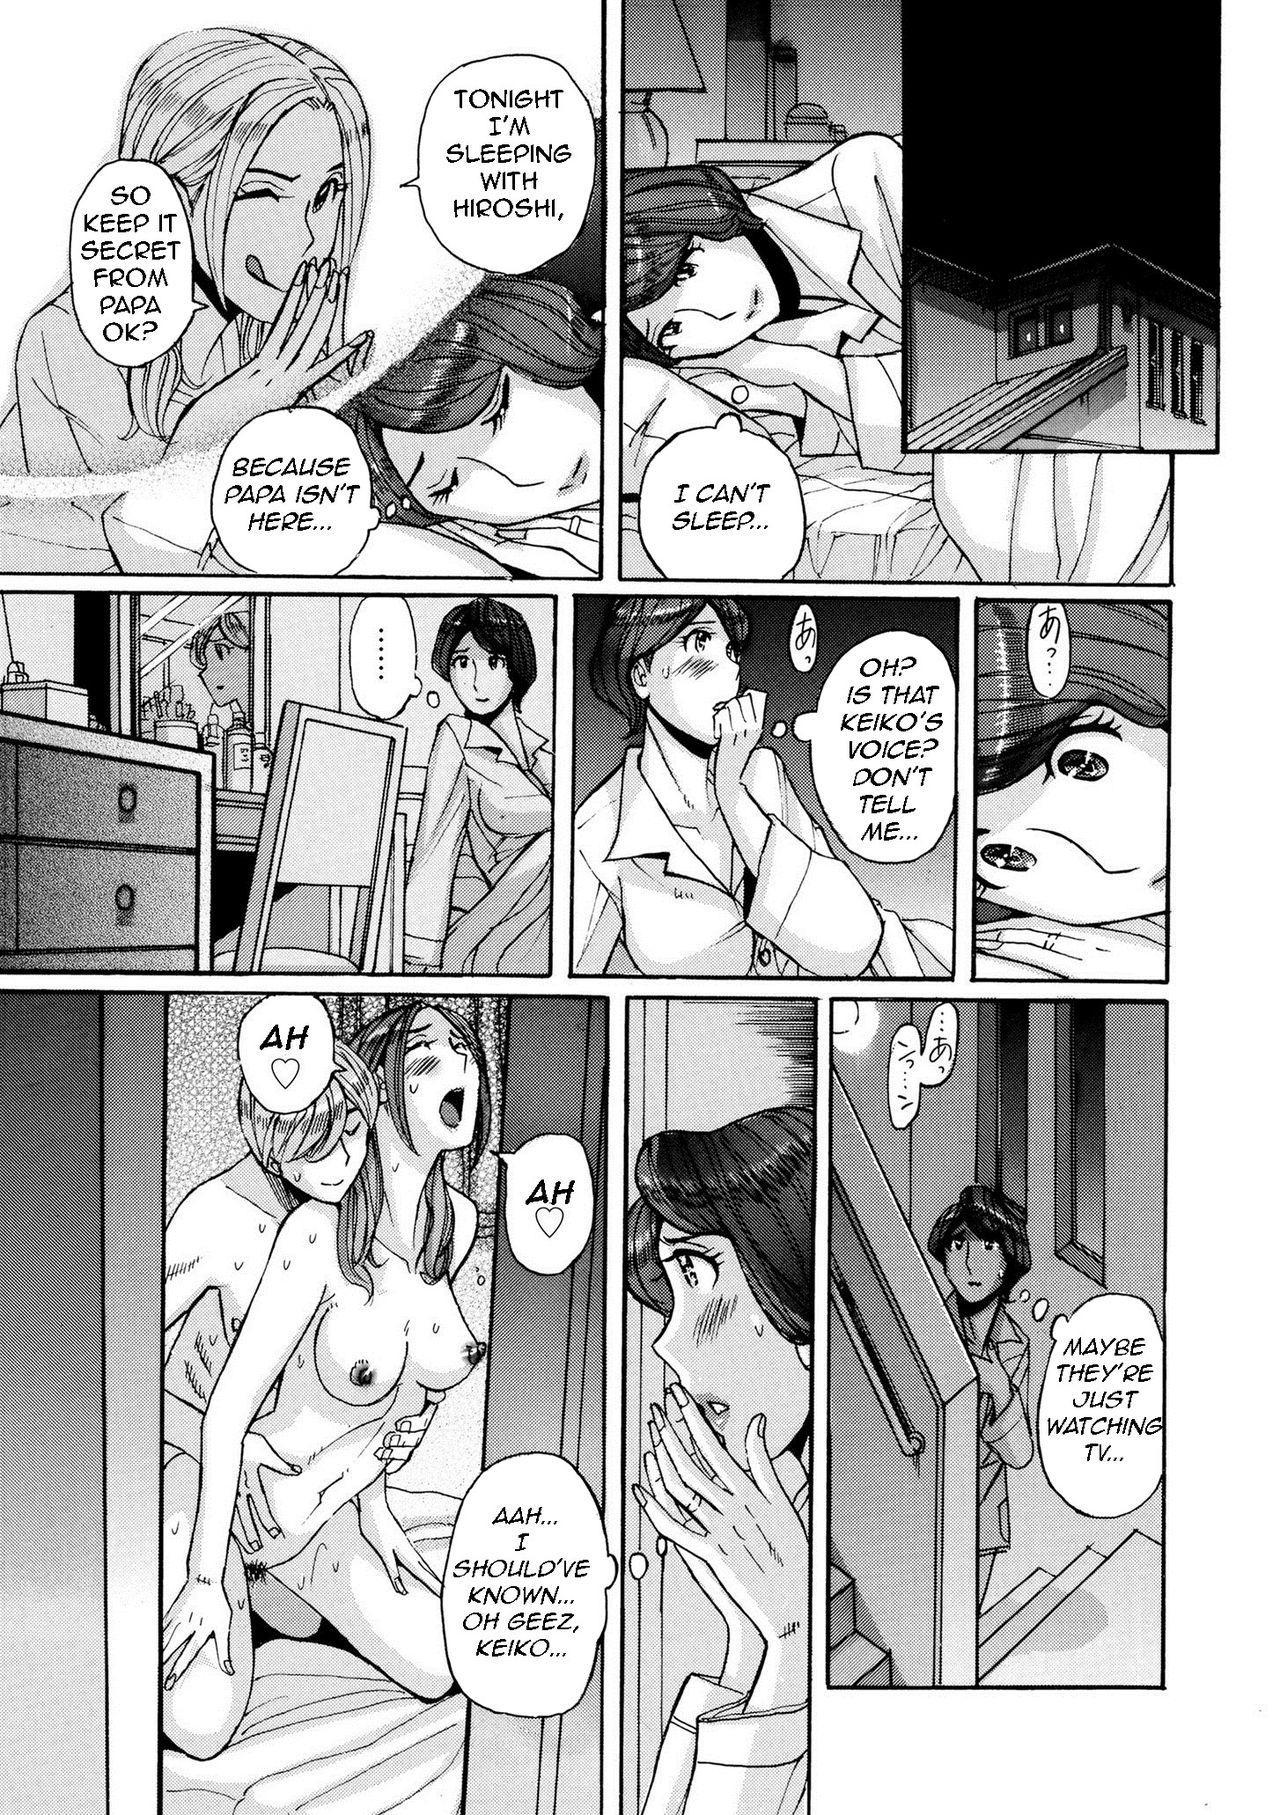 Nishida Ke no Himegoto | Nishida Family Secret 34